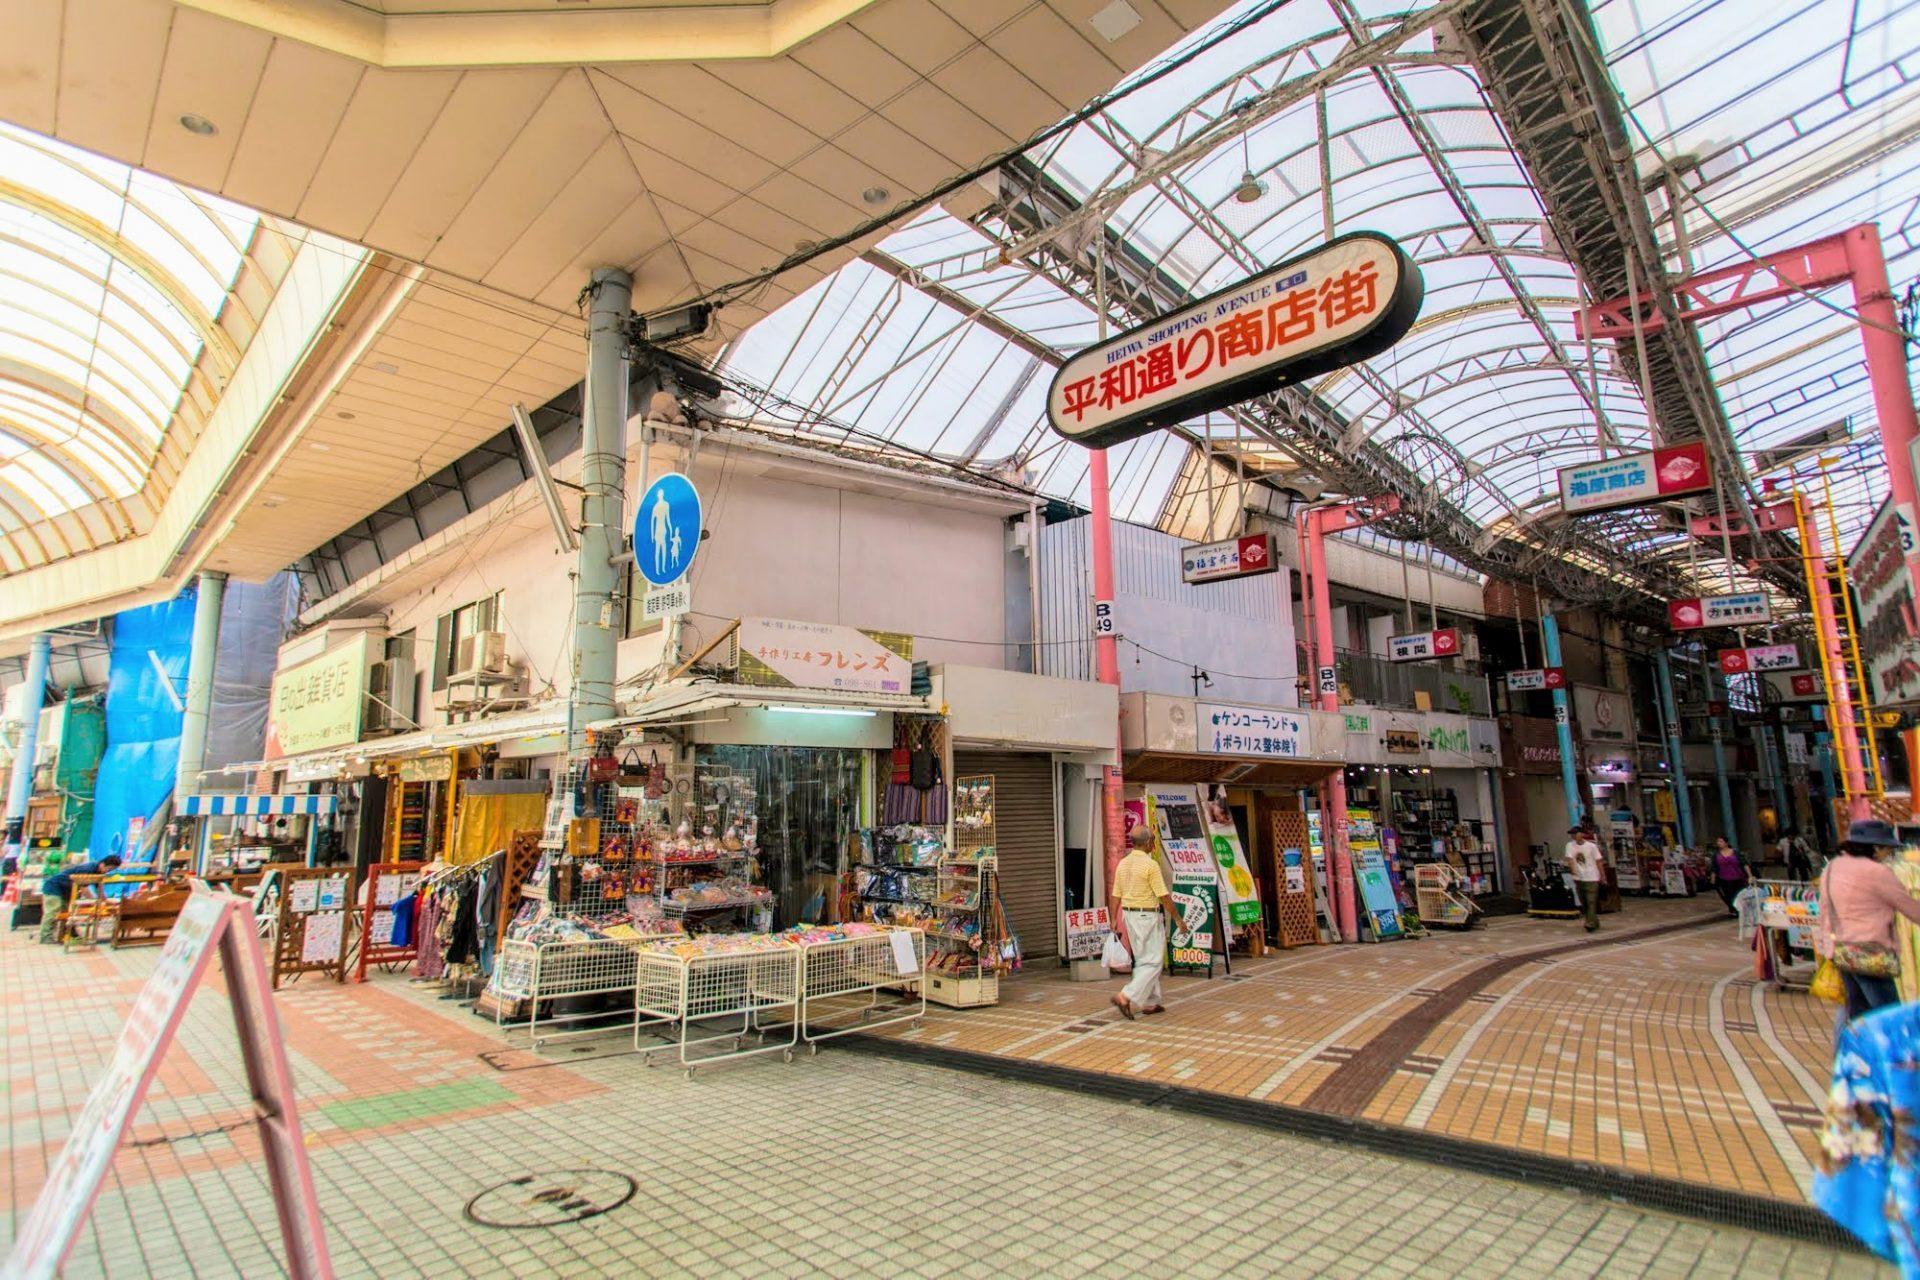 雨の日の観光におすすめ!沖縄南部「平和通り」